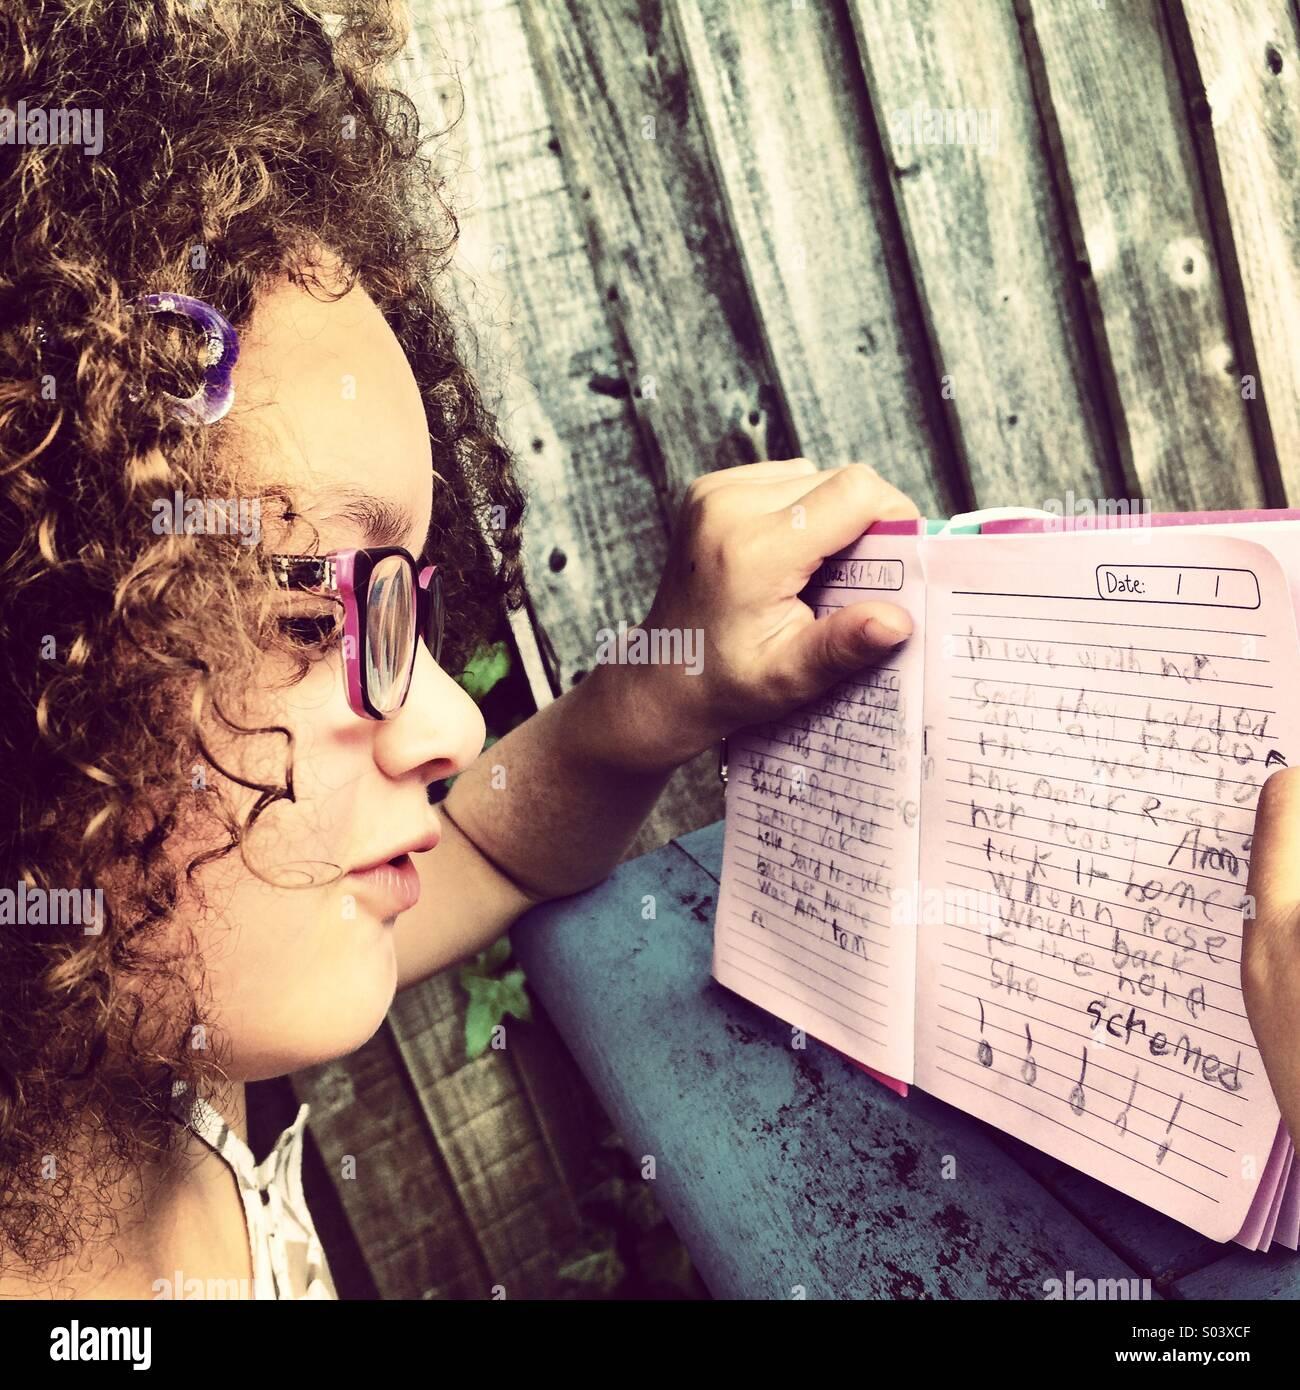 Pelo rizado de 6 años de edad, niña con gafas leyendo su diario. Imagen De Stock